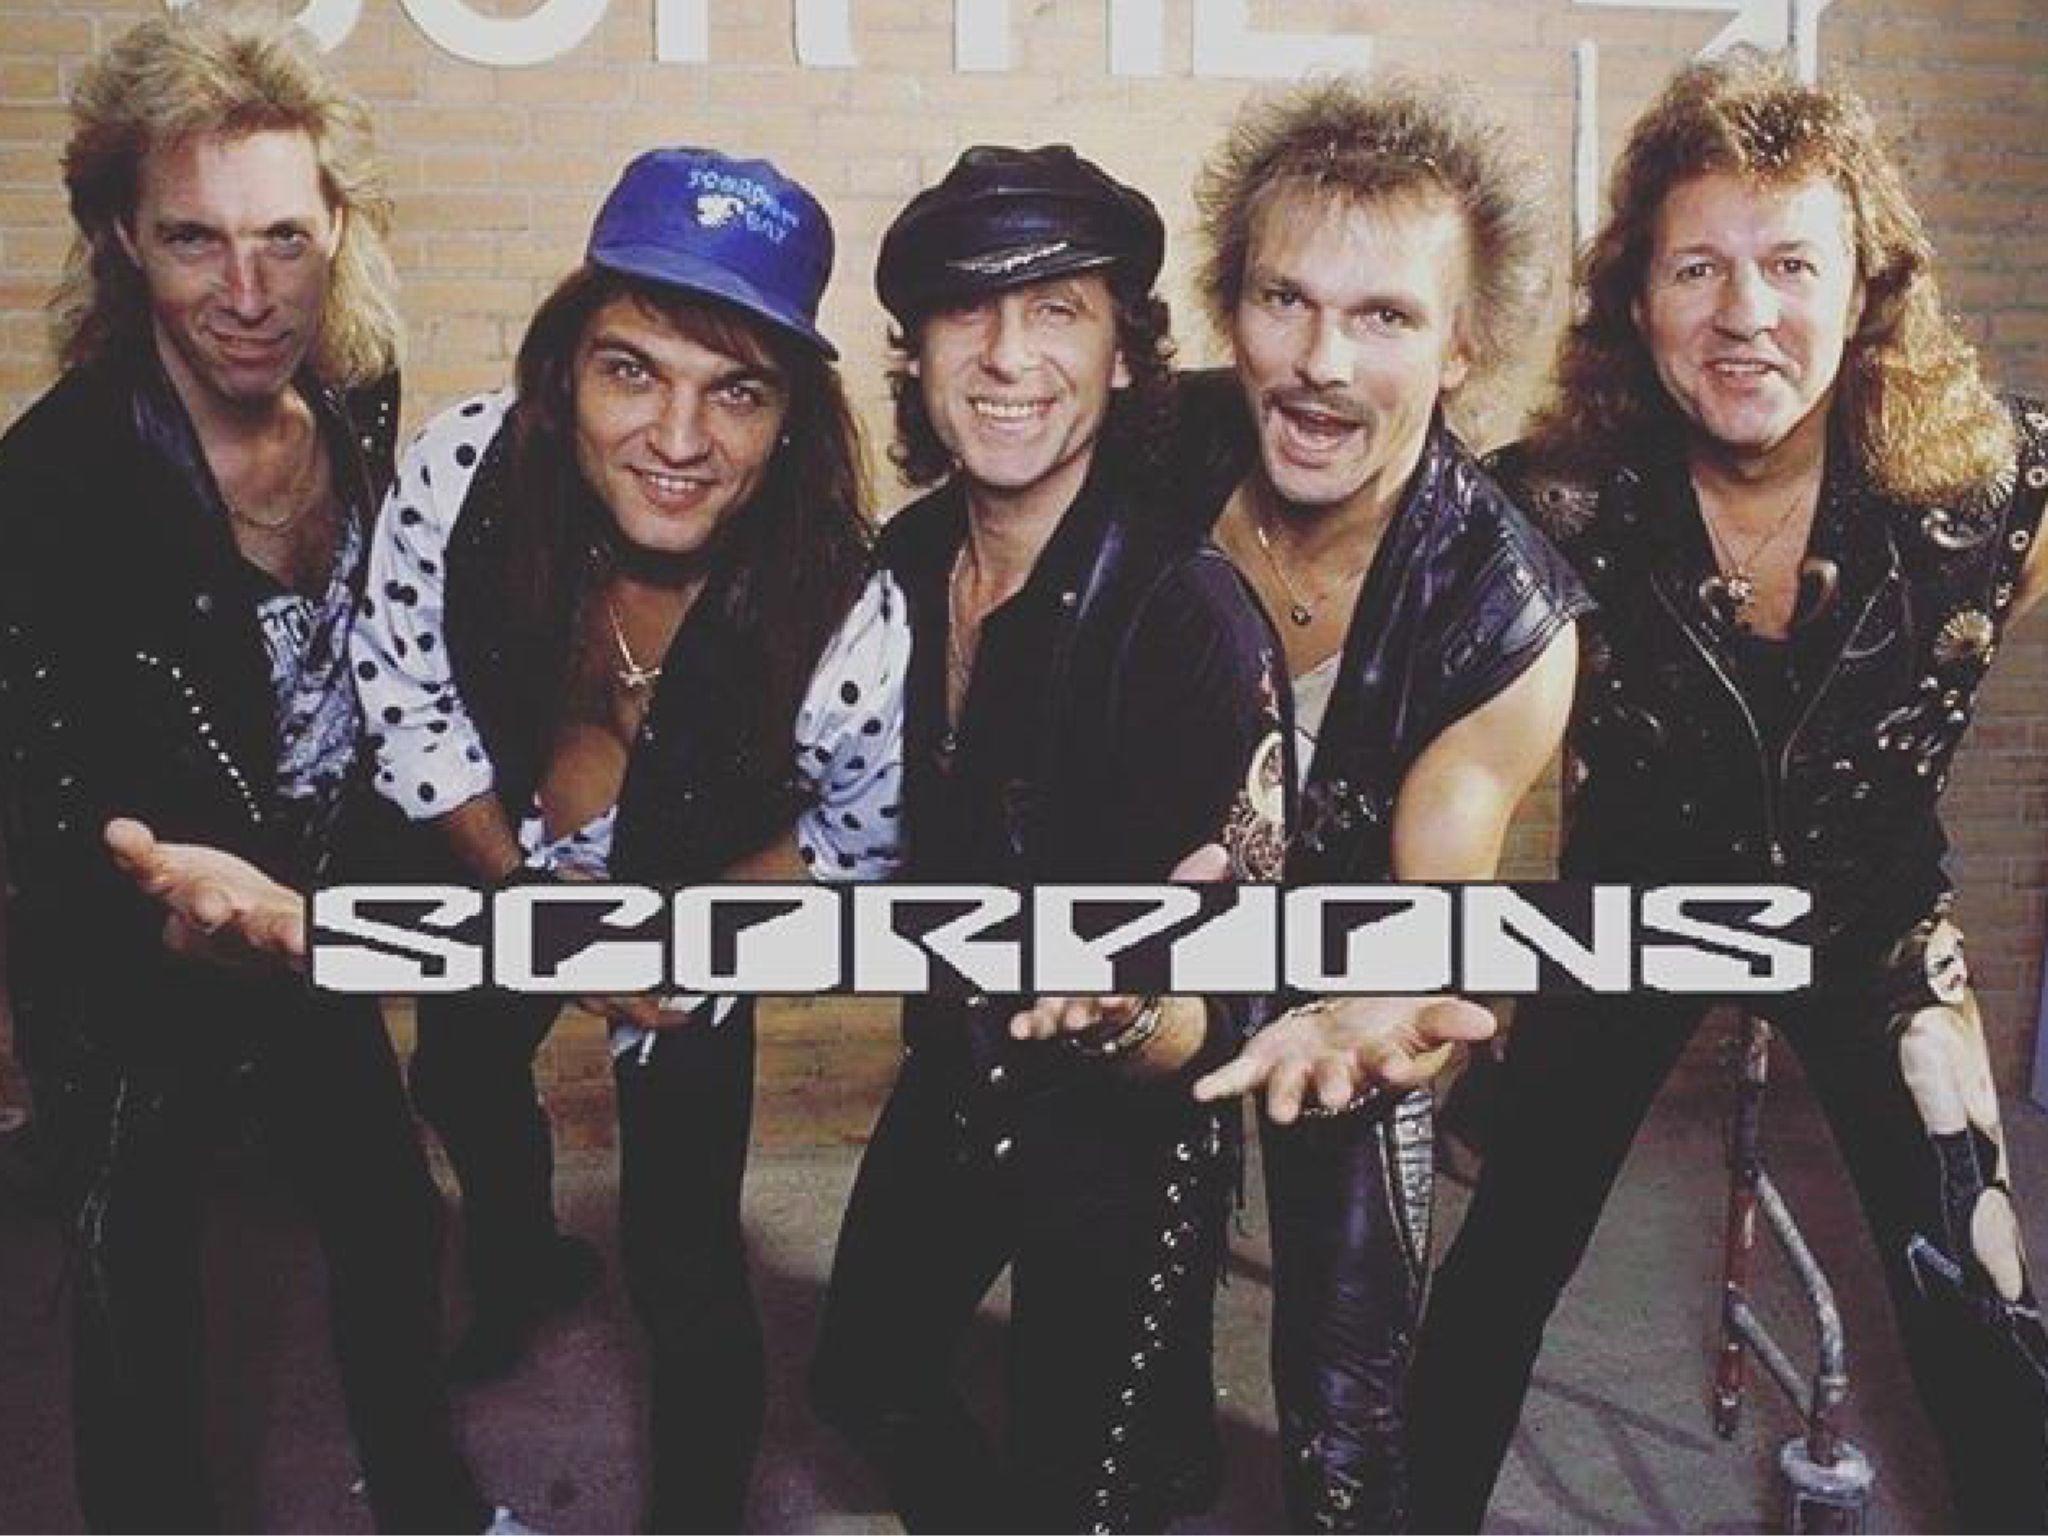 фото группы скорпионс в молодости того, межкомнатная